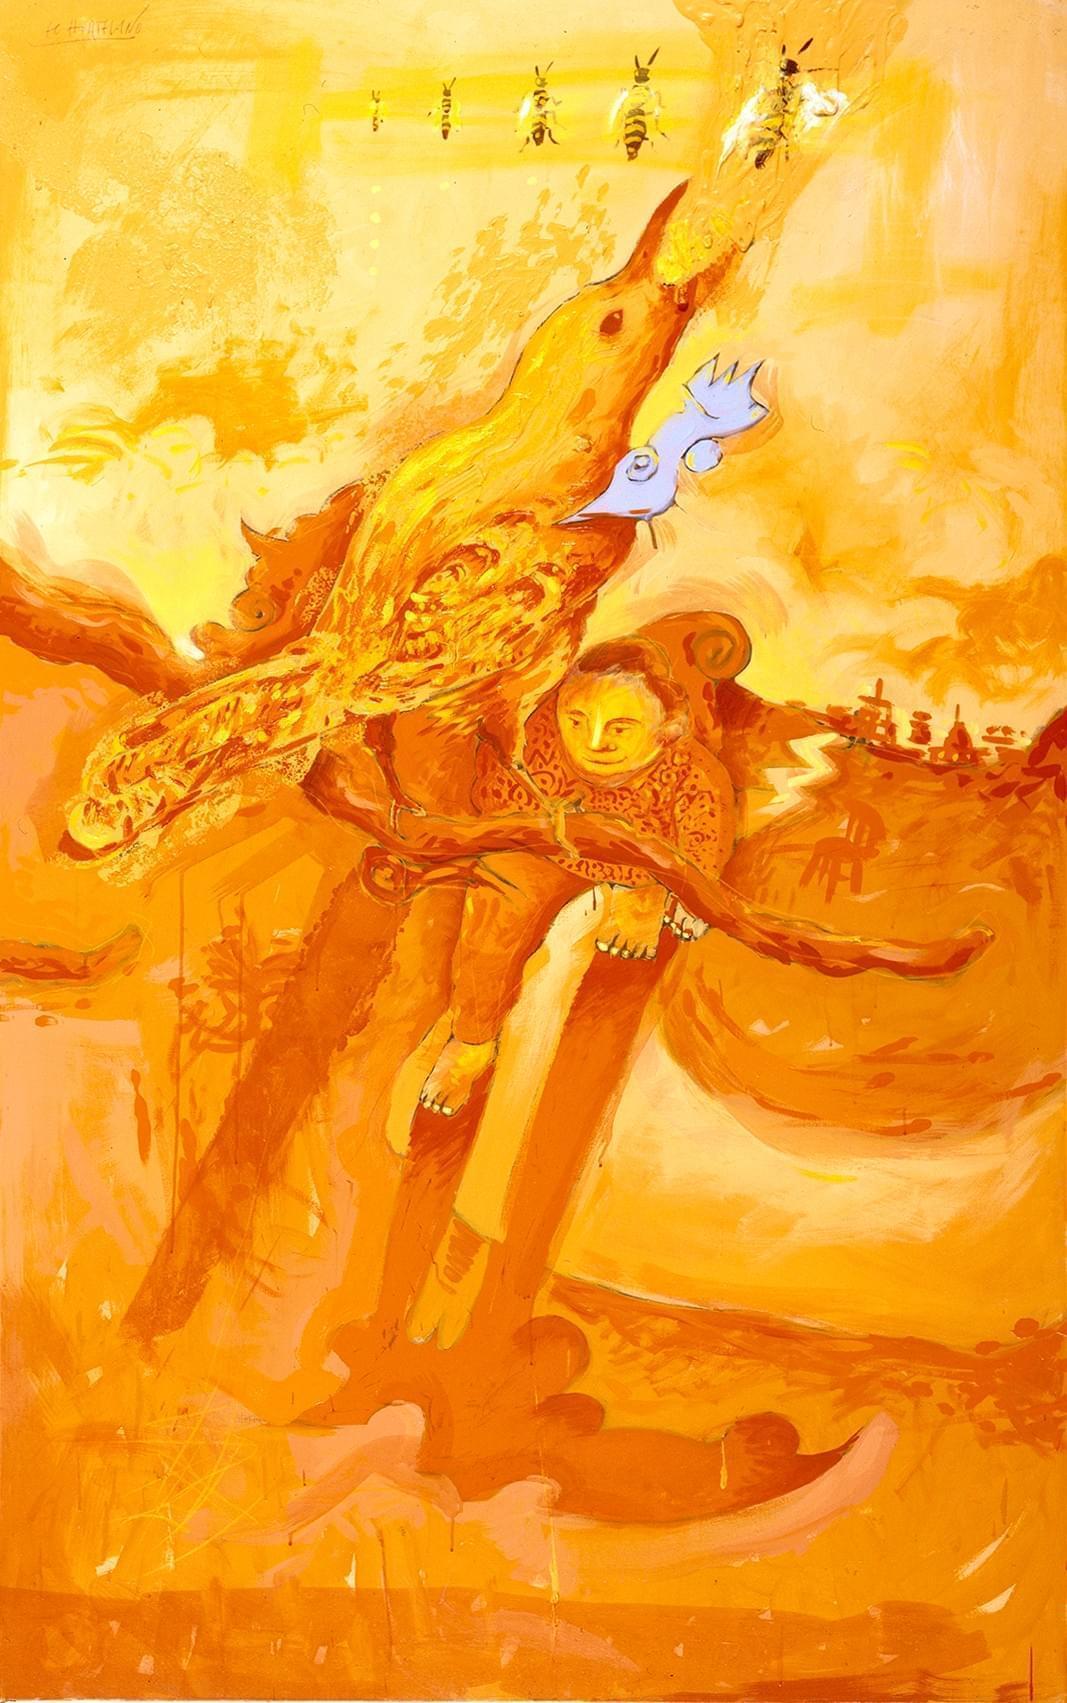 04 El puro y agudo calor Técnica mixta sobre lienzo 210 x 130 cm 1987